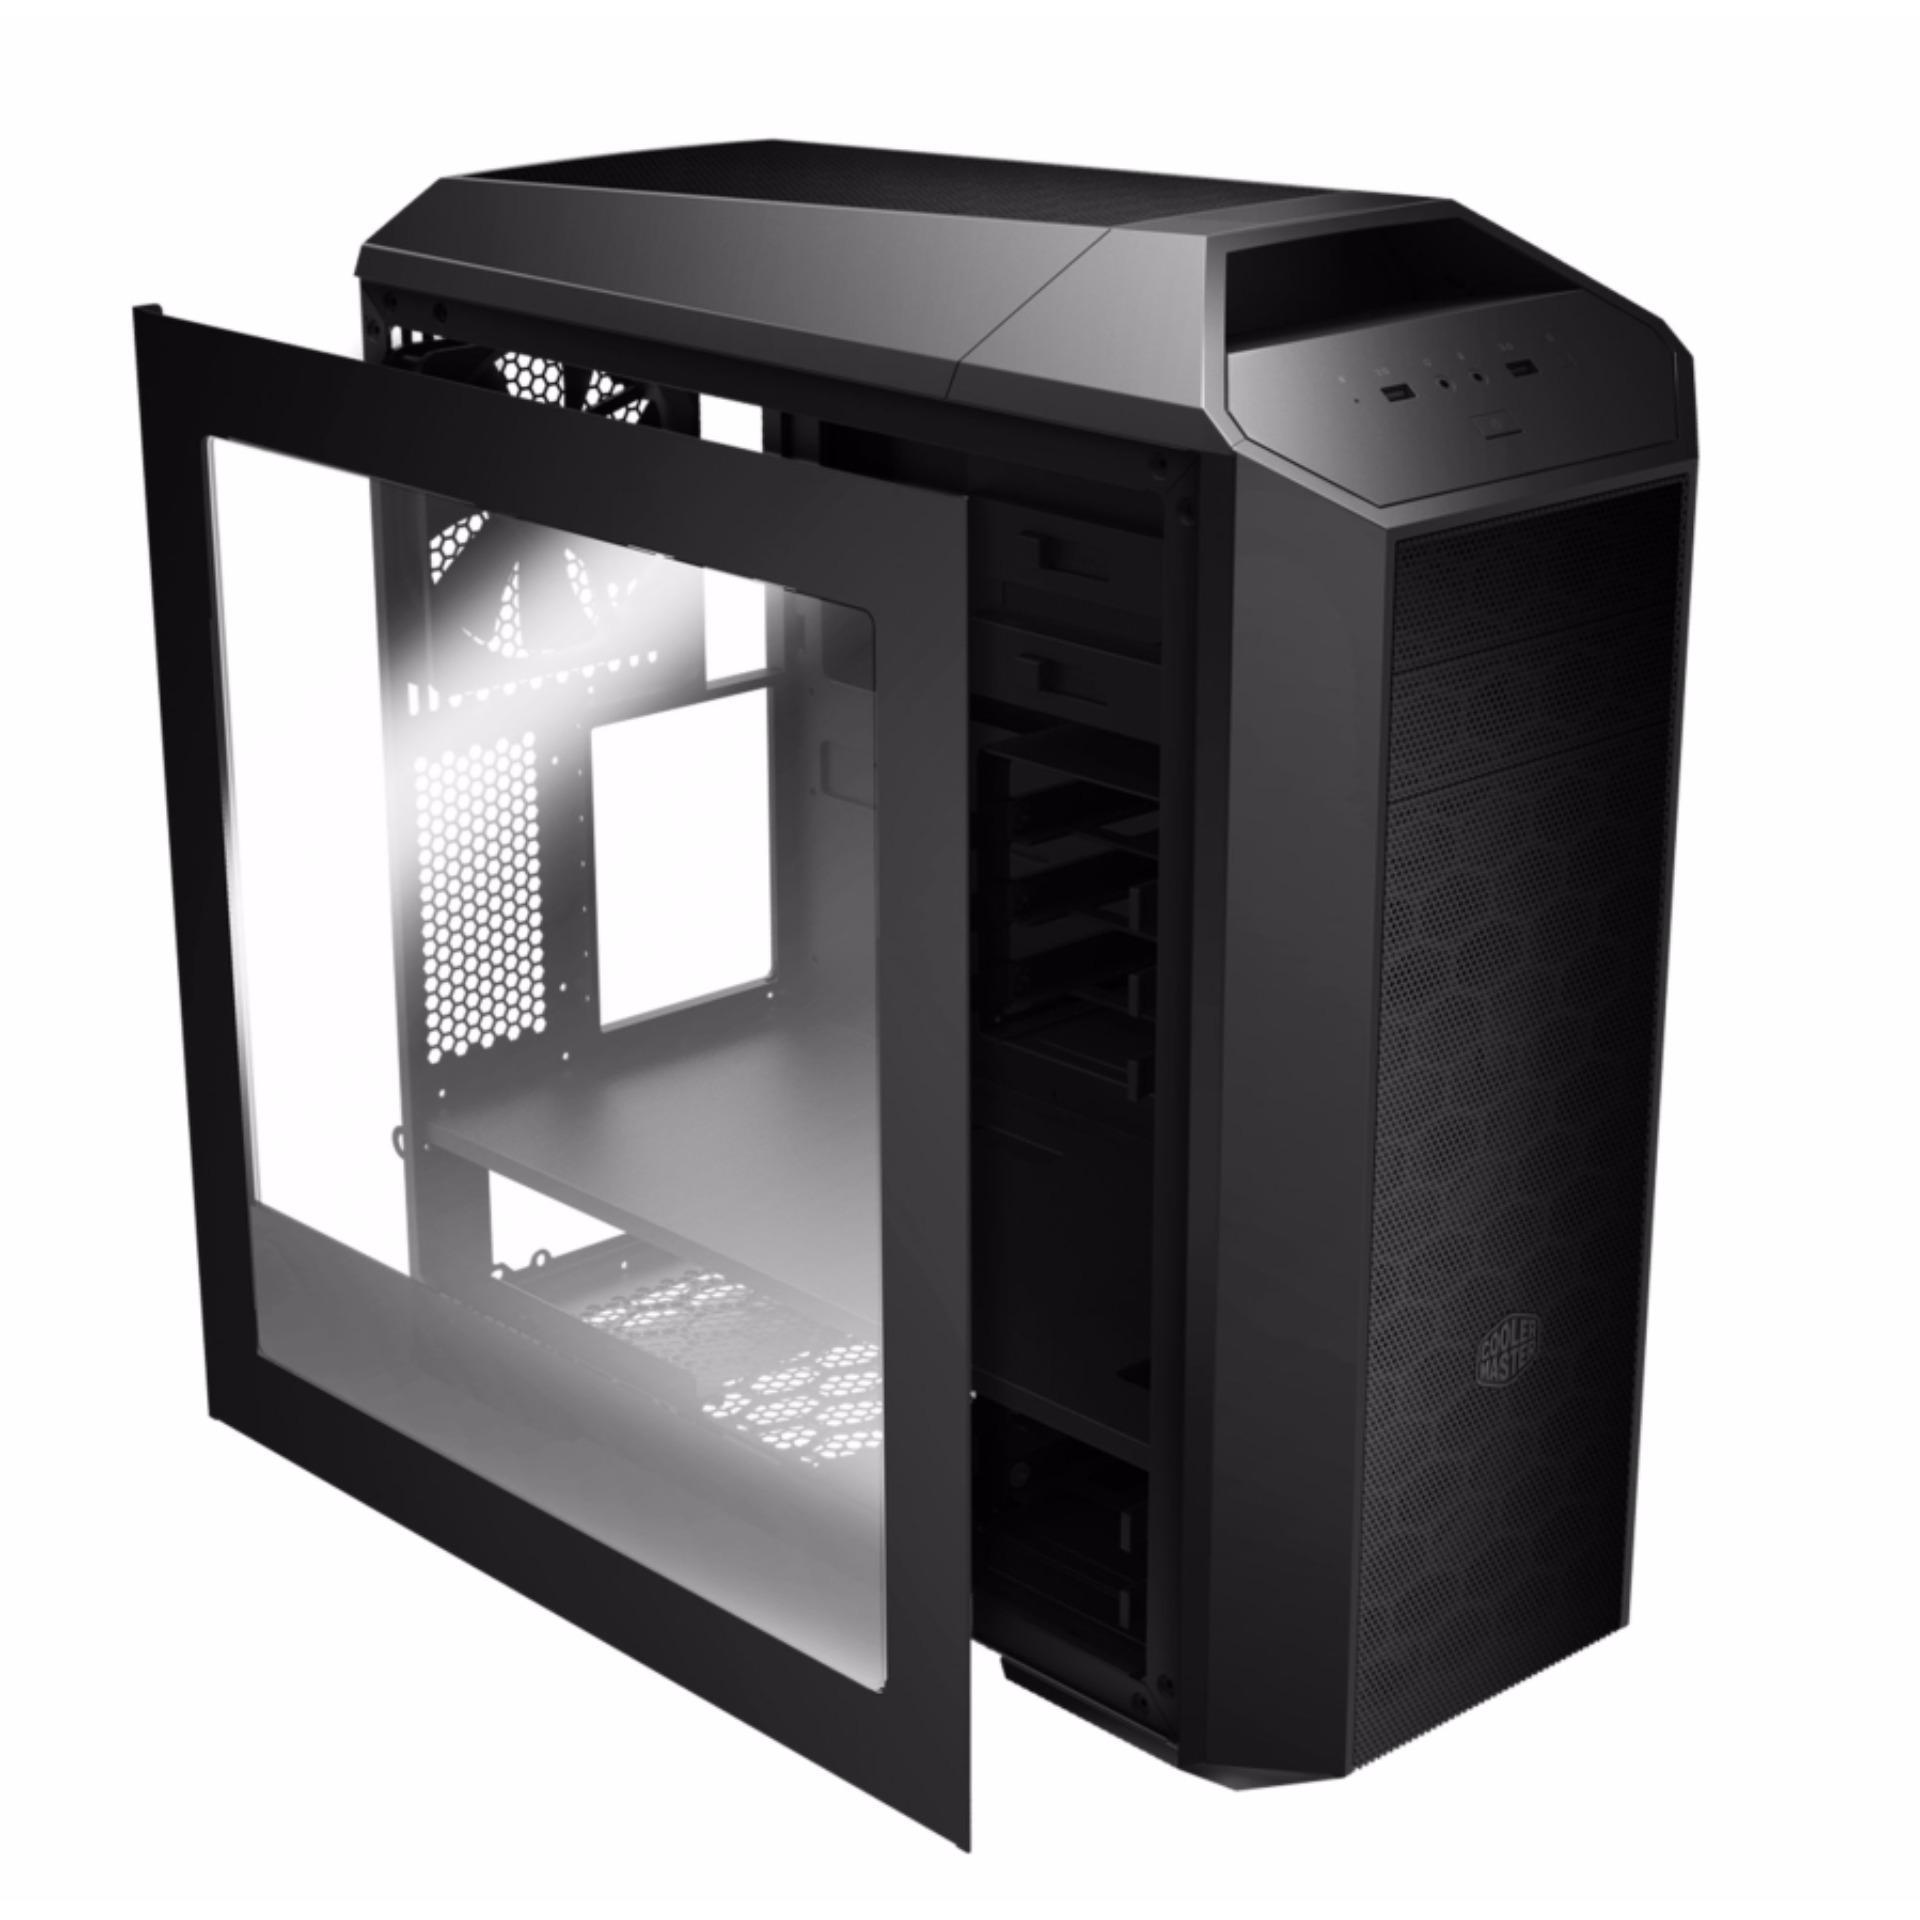 Cooler Master MasterCase 5 Side window KIT MCA-0005-KWN00-PR